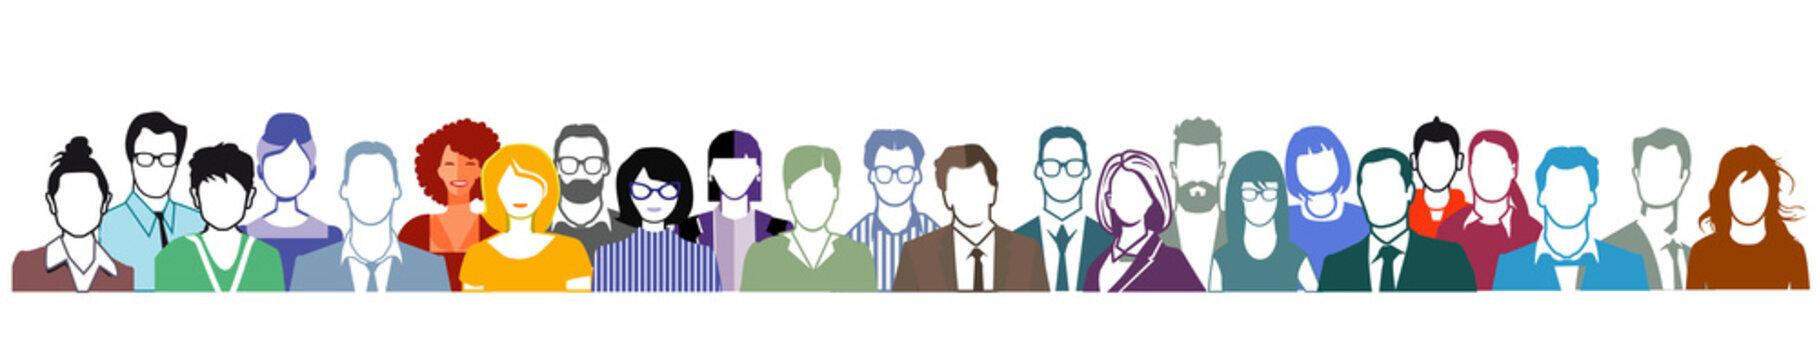 Gruppe von Personen Portrait, Gesichter auf weißem Hintergrund.